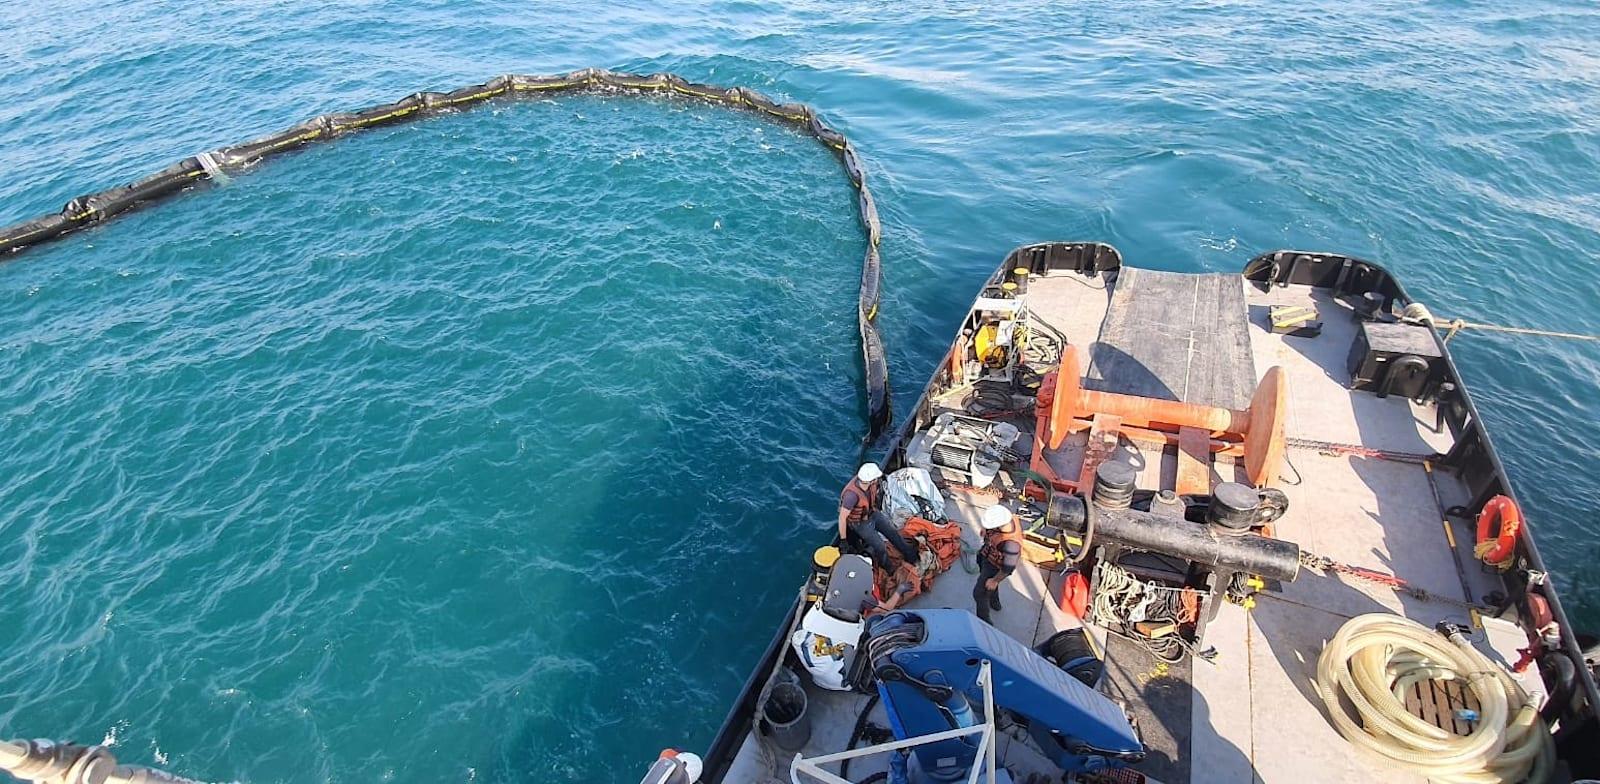 תרגיל זיהום ים בשמן של המשרד להגנת הסביבה, נובמבר 2020. ינסו להישען על כספי קרן העושר או תמלוגי הגז הטבע / צילום: המשרד לאיכות הסביבה